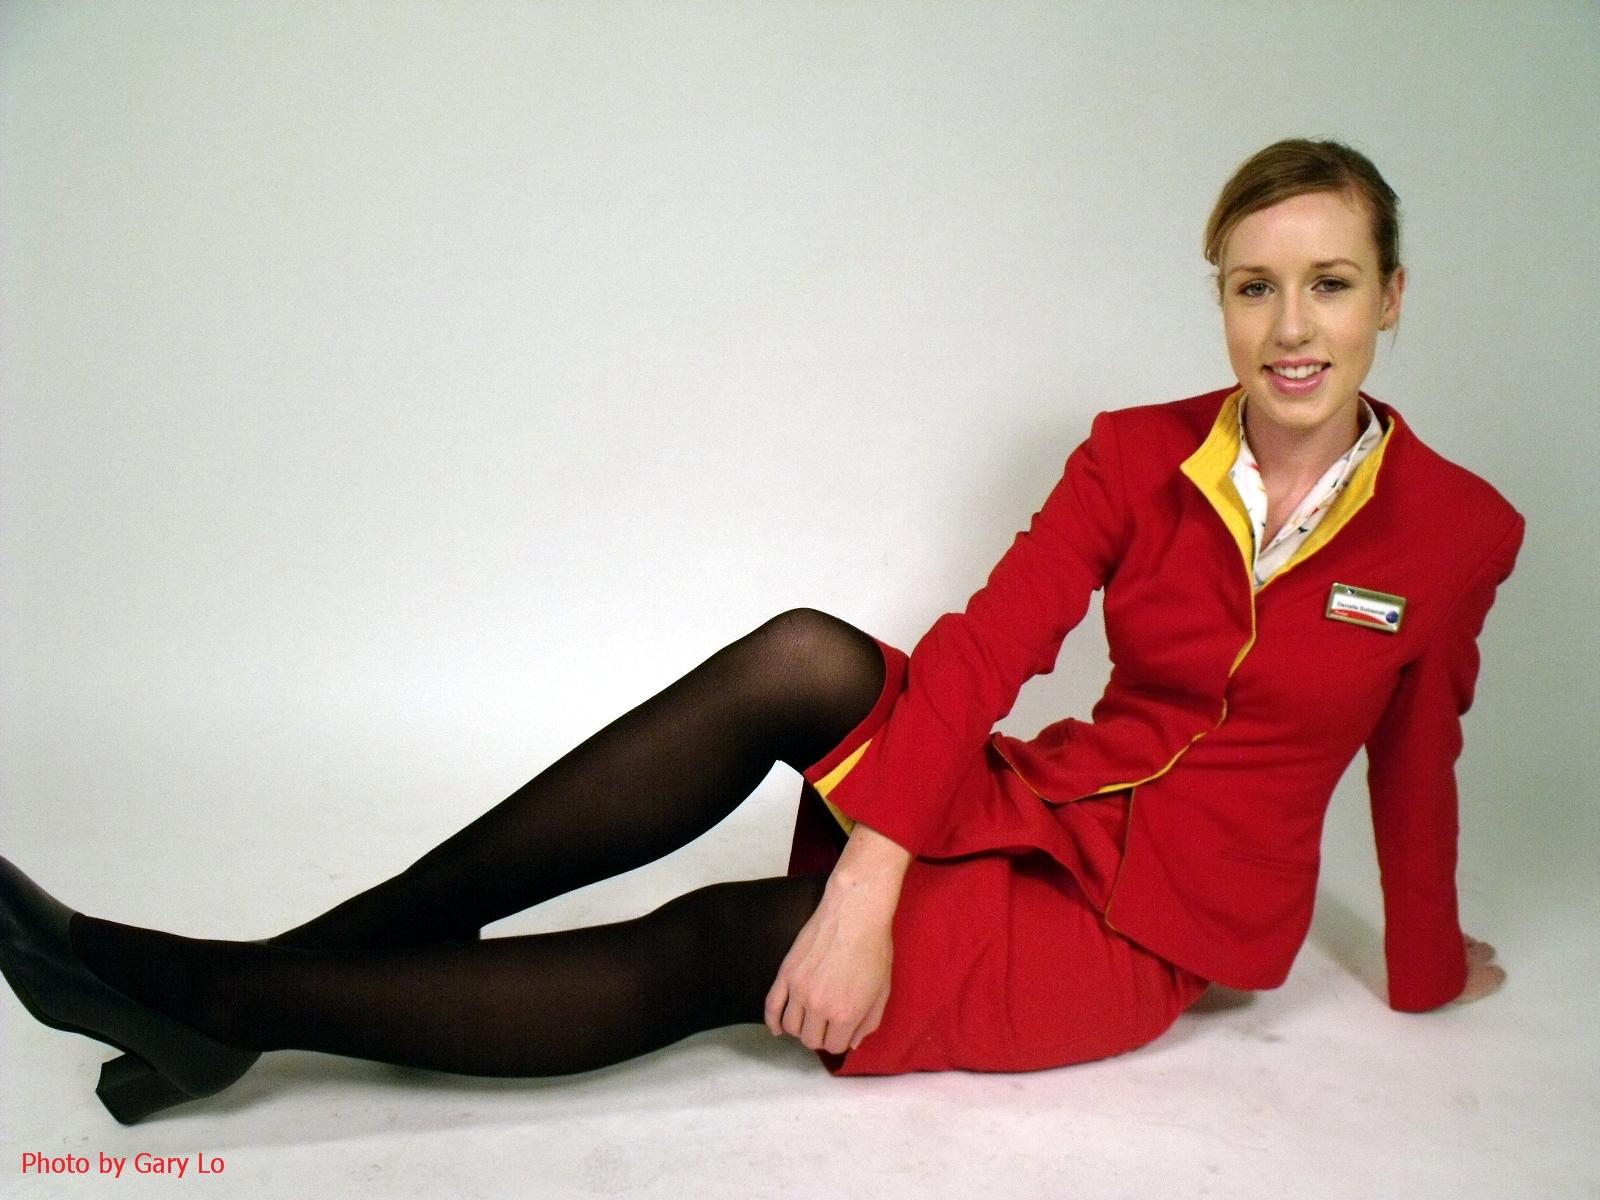 Стюардесса в колготках фотографии, Голые стюардессы на фото и обнаженные девушки » 11 фотография